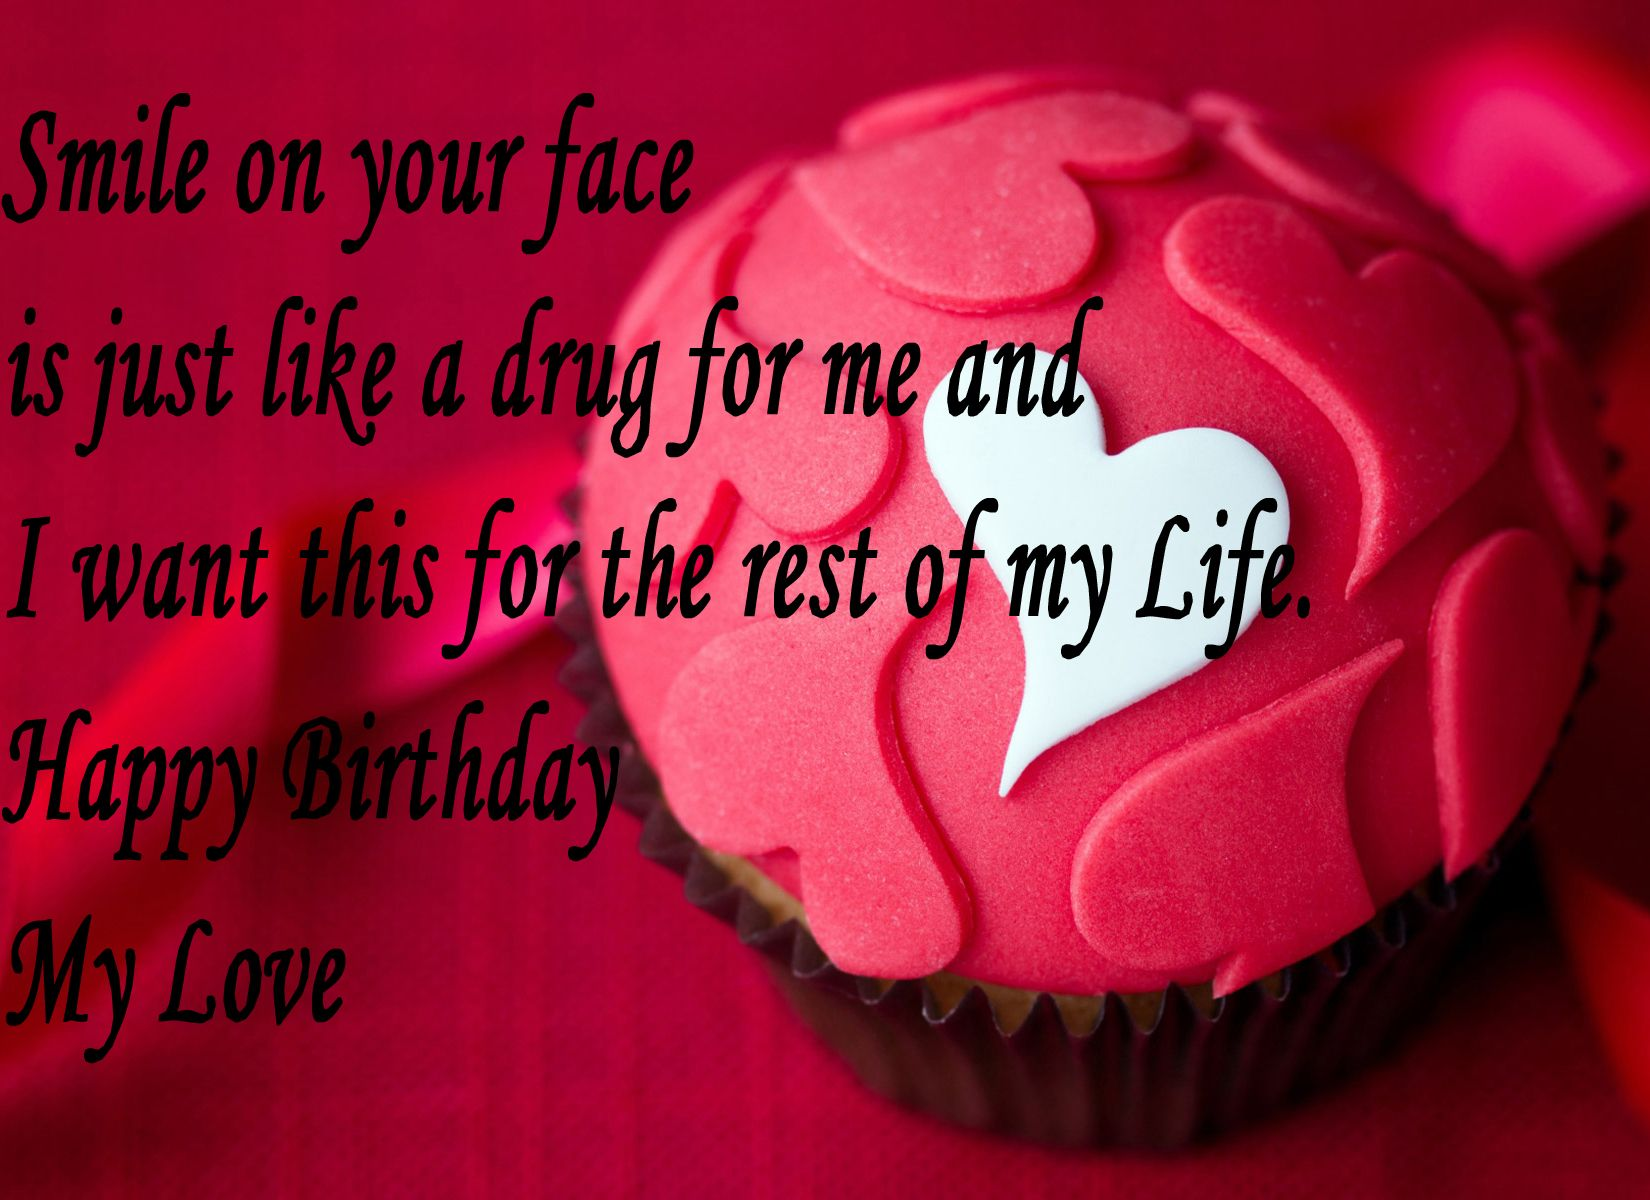 Xxx birthday wishes with photos